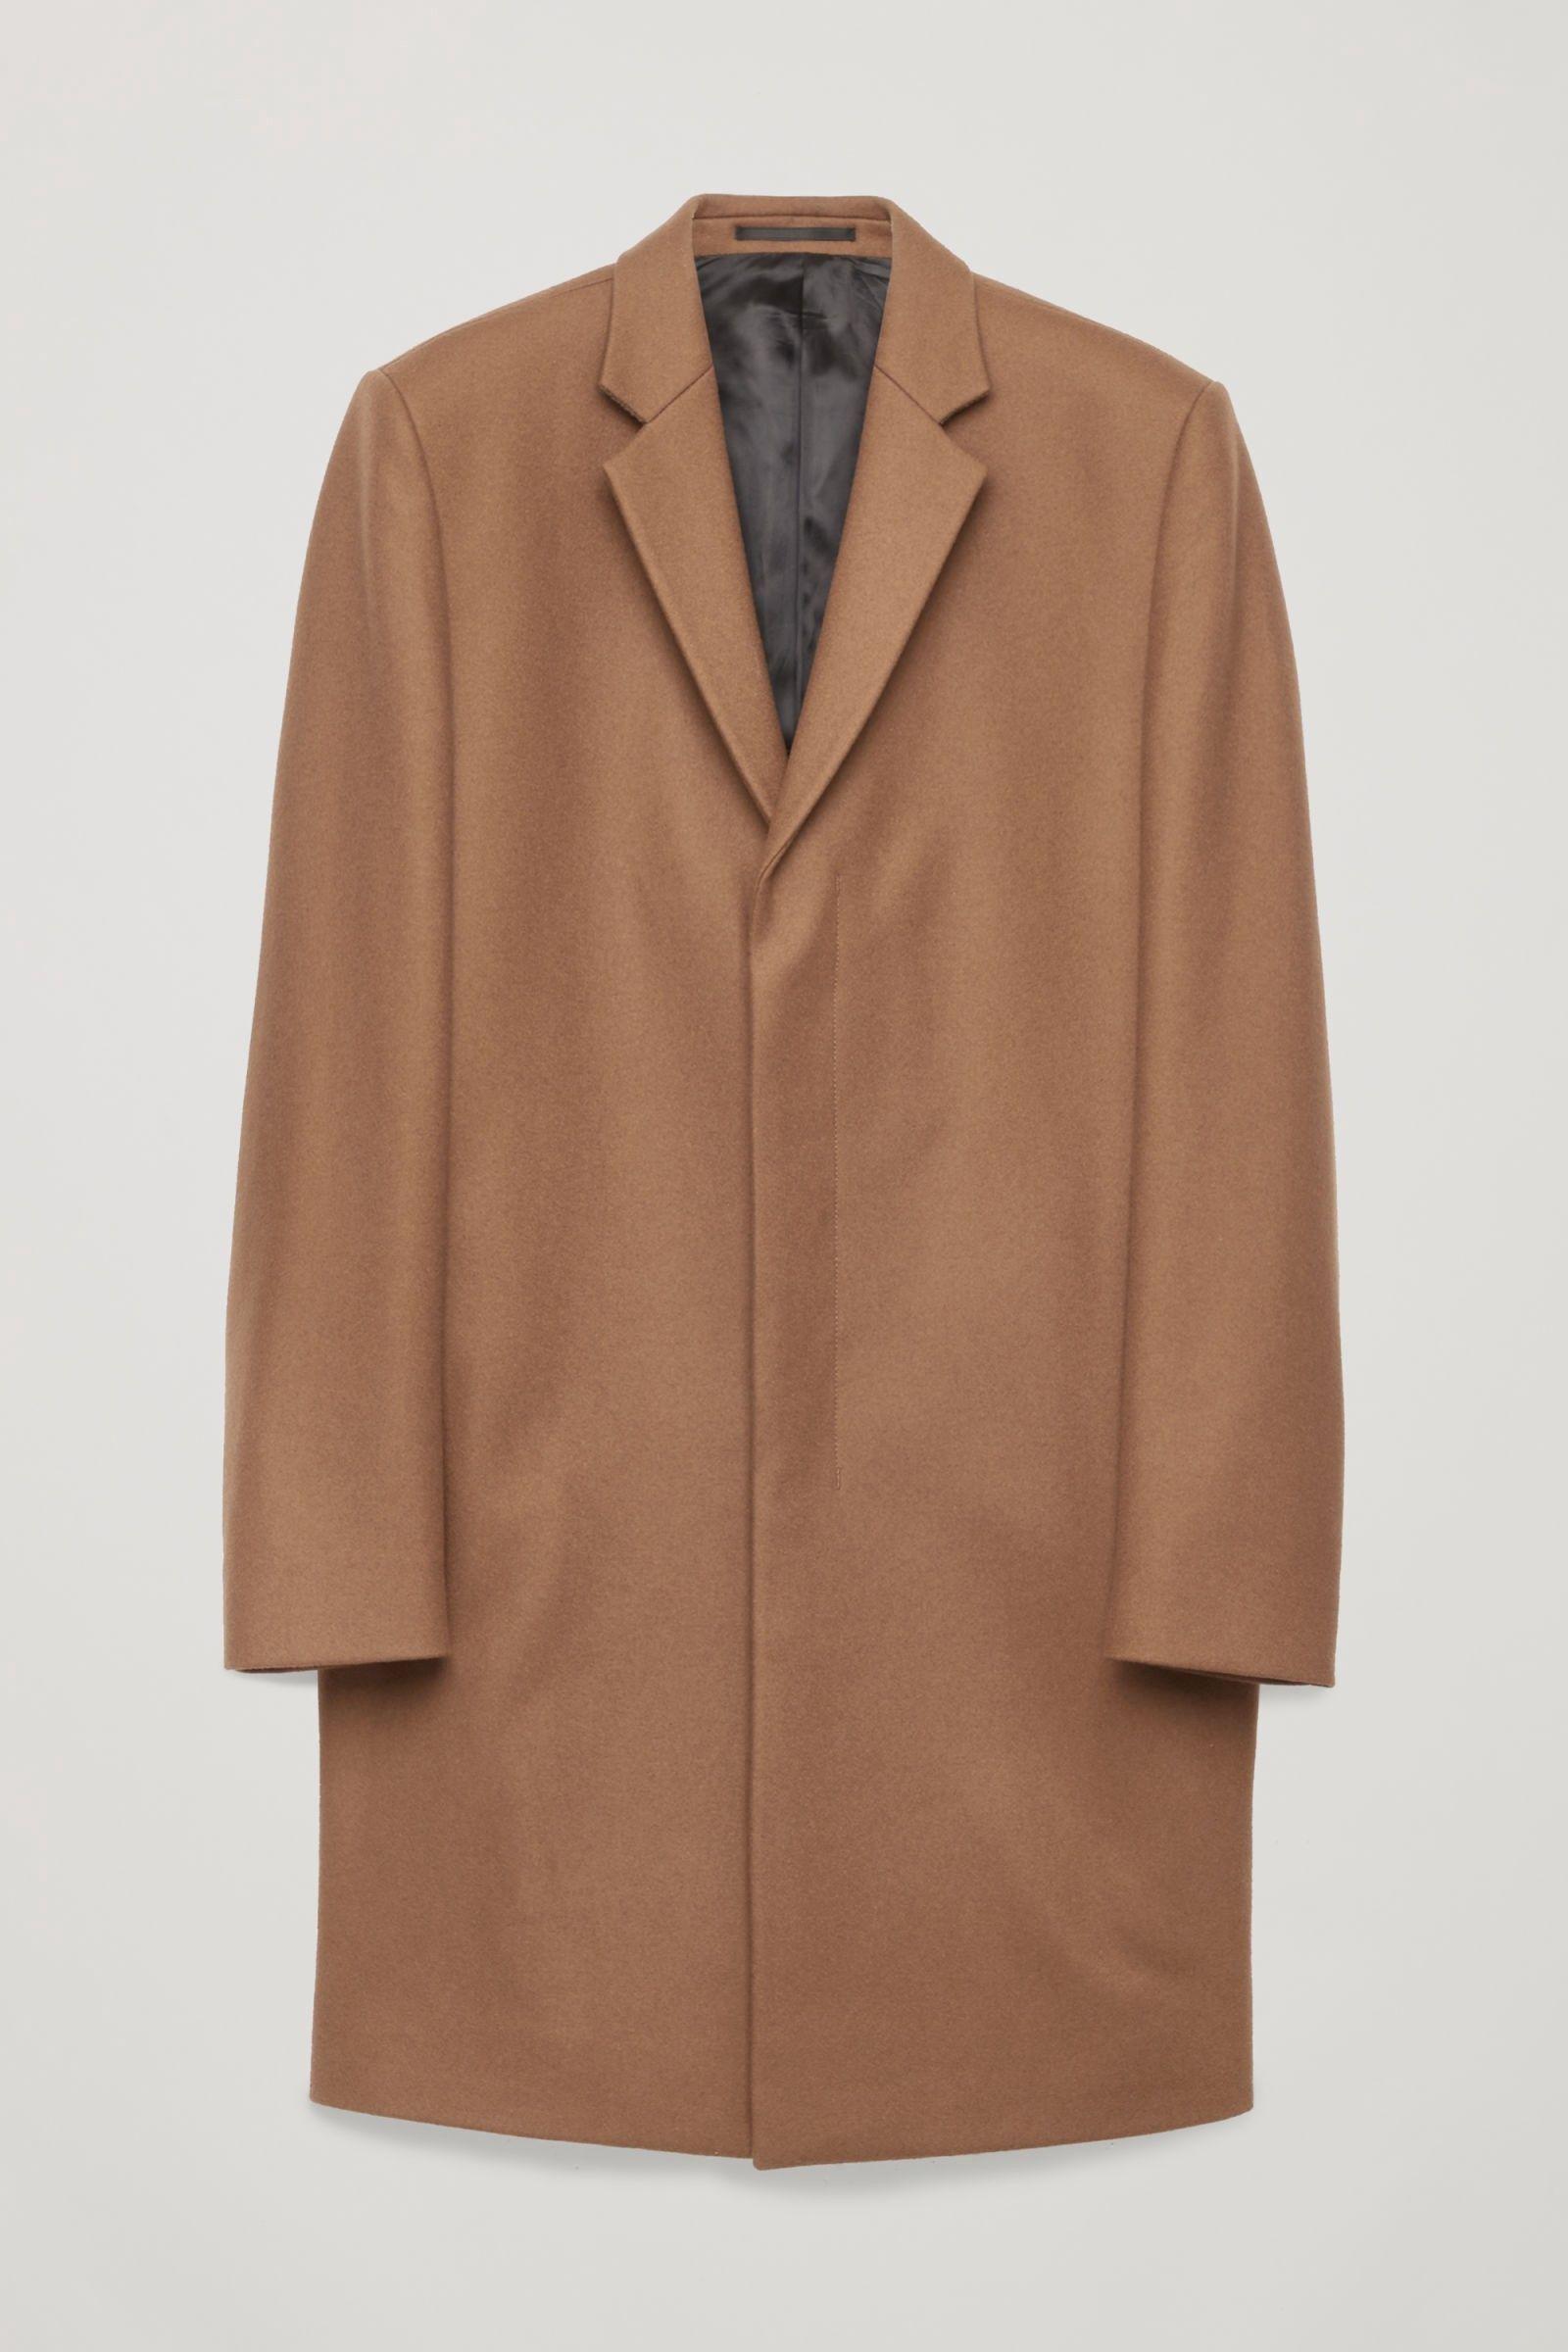 29d47b855593 Cos Tailored Coat - Light Walnut 36R Vestes Et Manteaux Homme, Veste Sans  Manches,